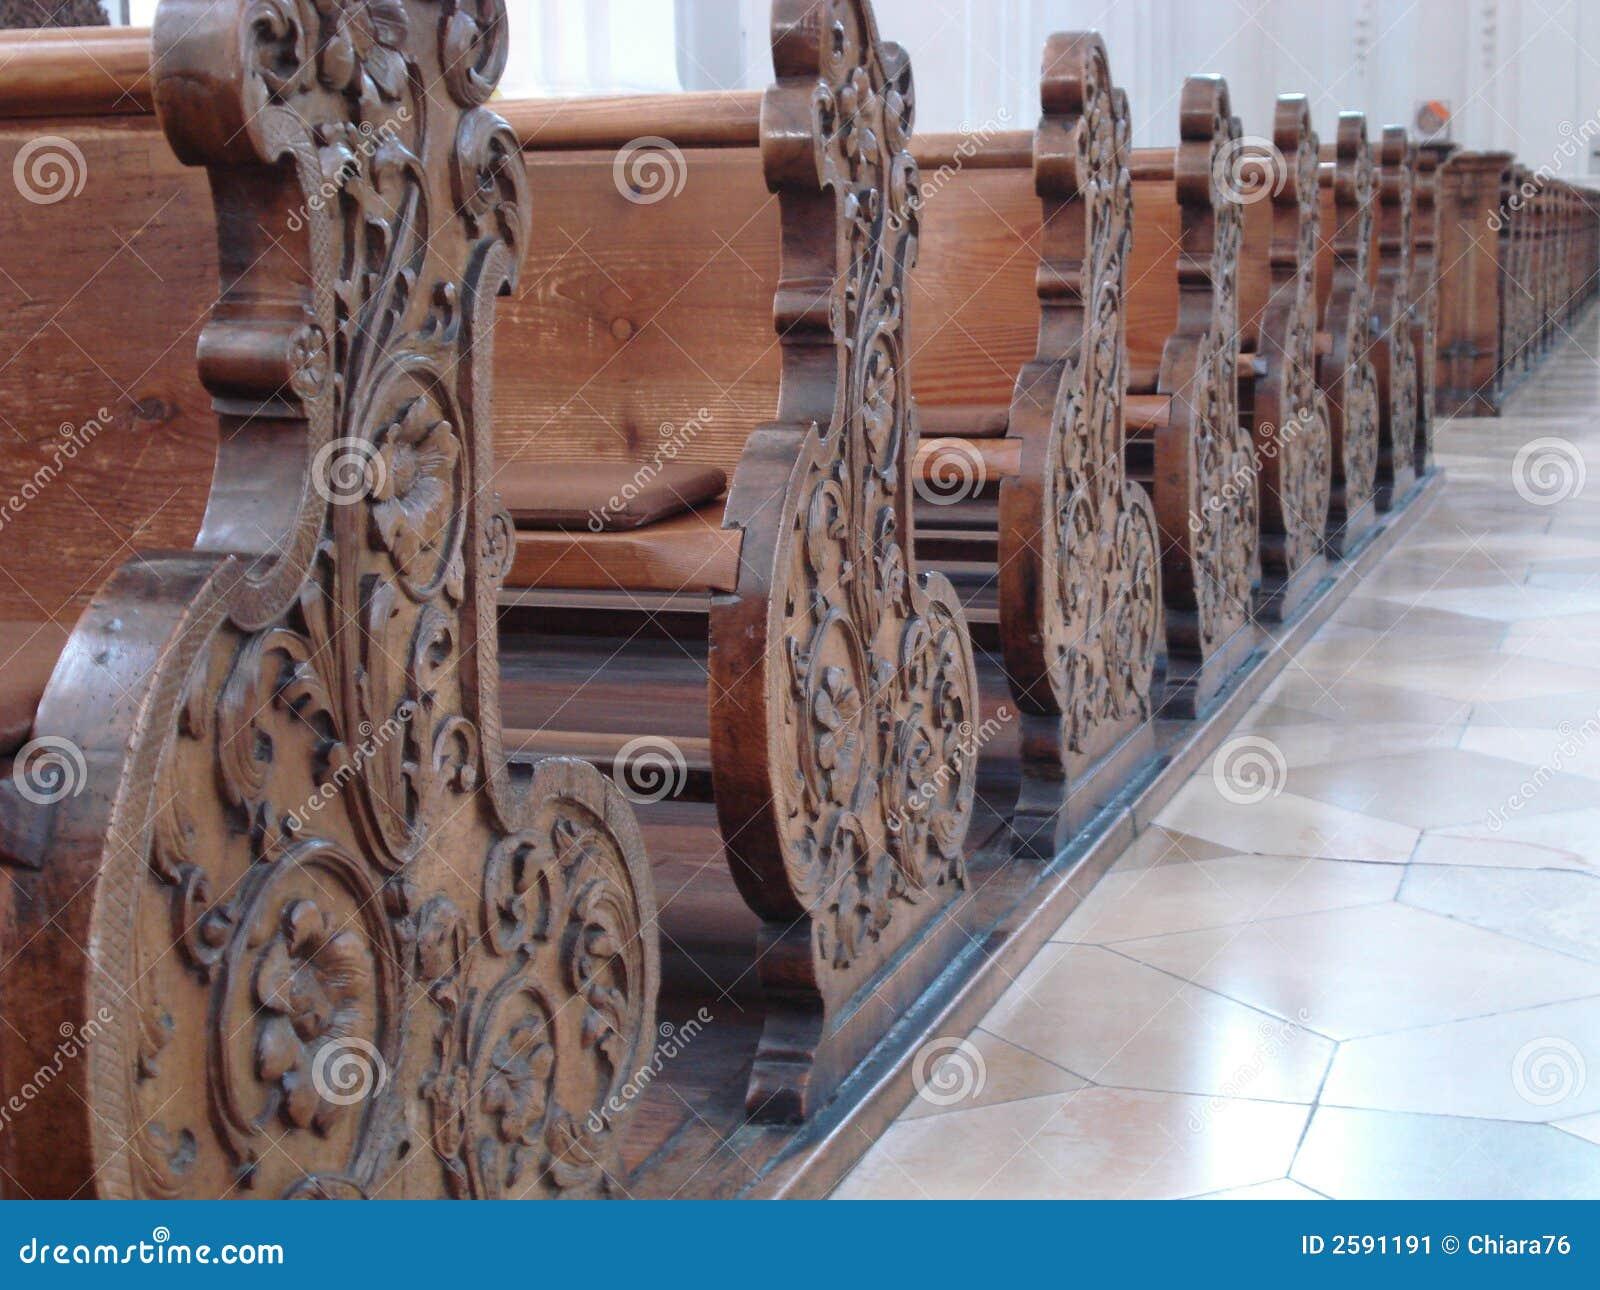 Banco De Igreja Imagem de Stock Imagem: 2591191 #815A4A 1300x1065